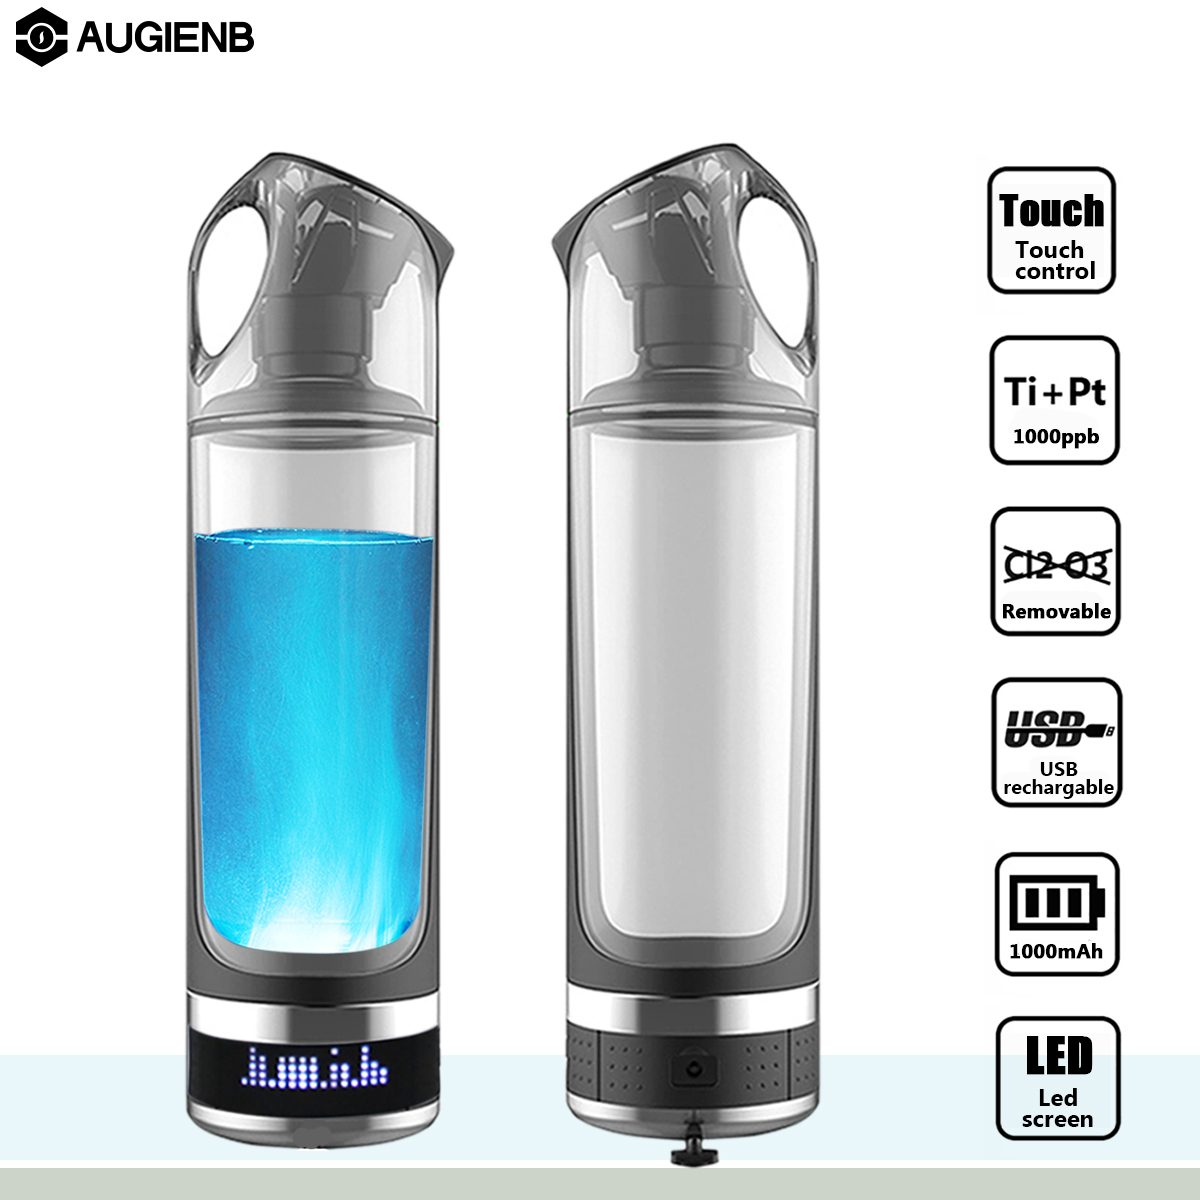 AUGIENB Portátil 500ml Garrafa de Água Rica Em Hidrogénio Gerador Alcalina Copo Saudável lonizer USB Recarregável Presente de Anti-Envelhecimento